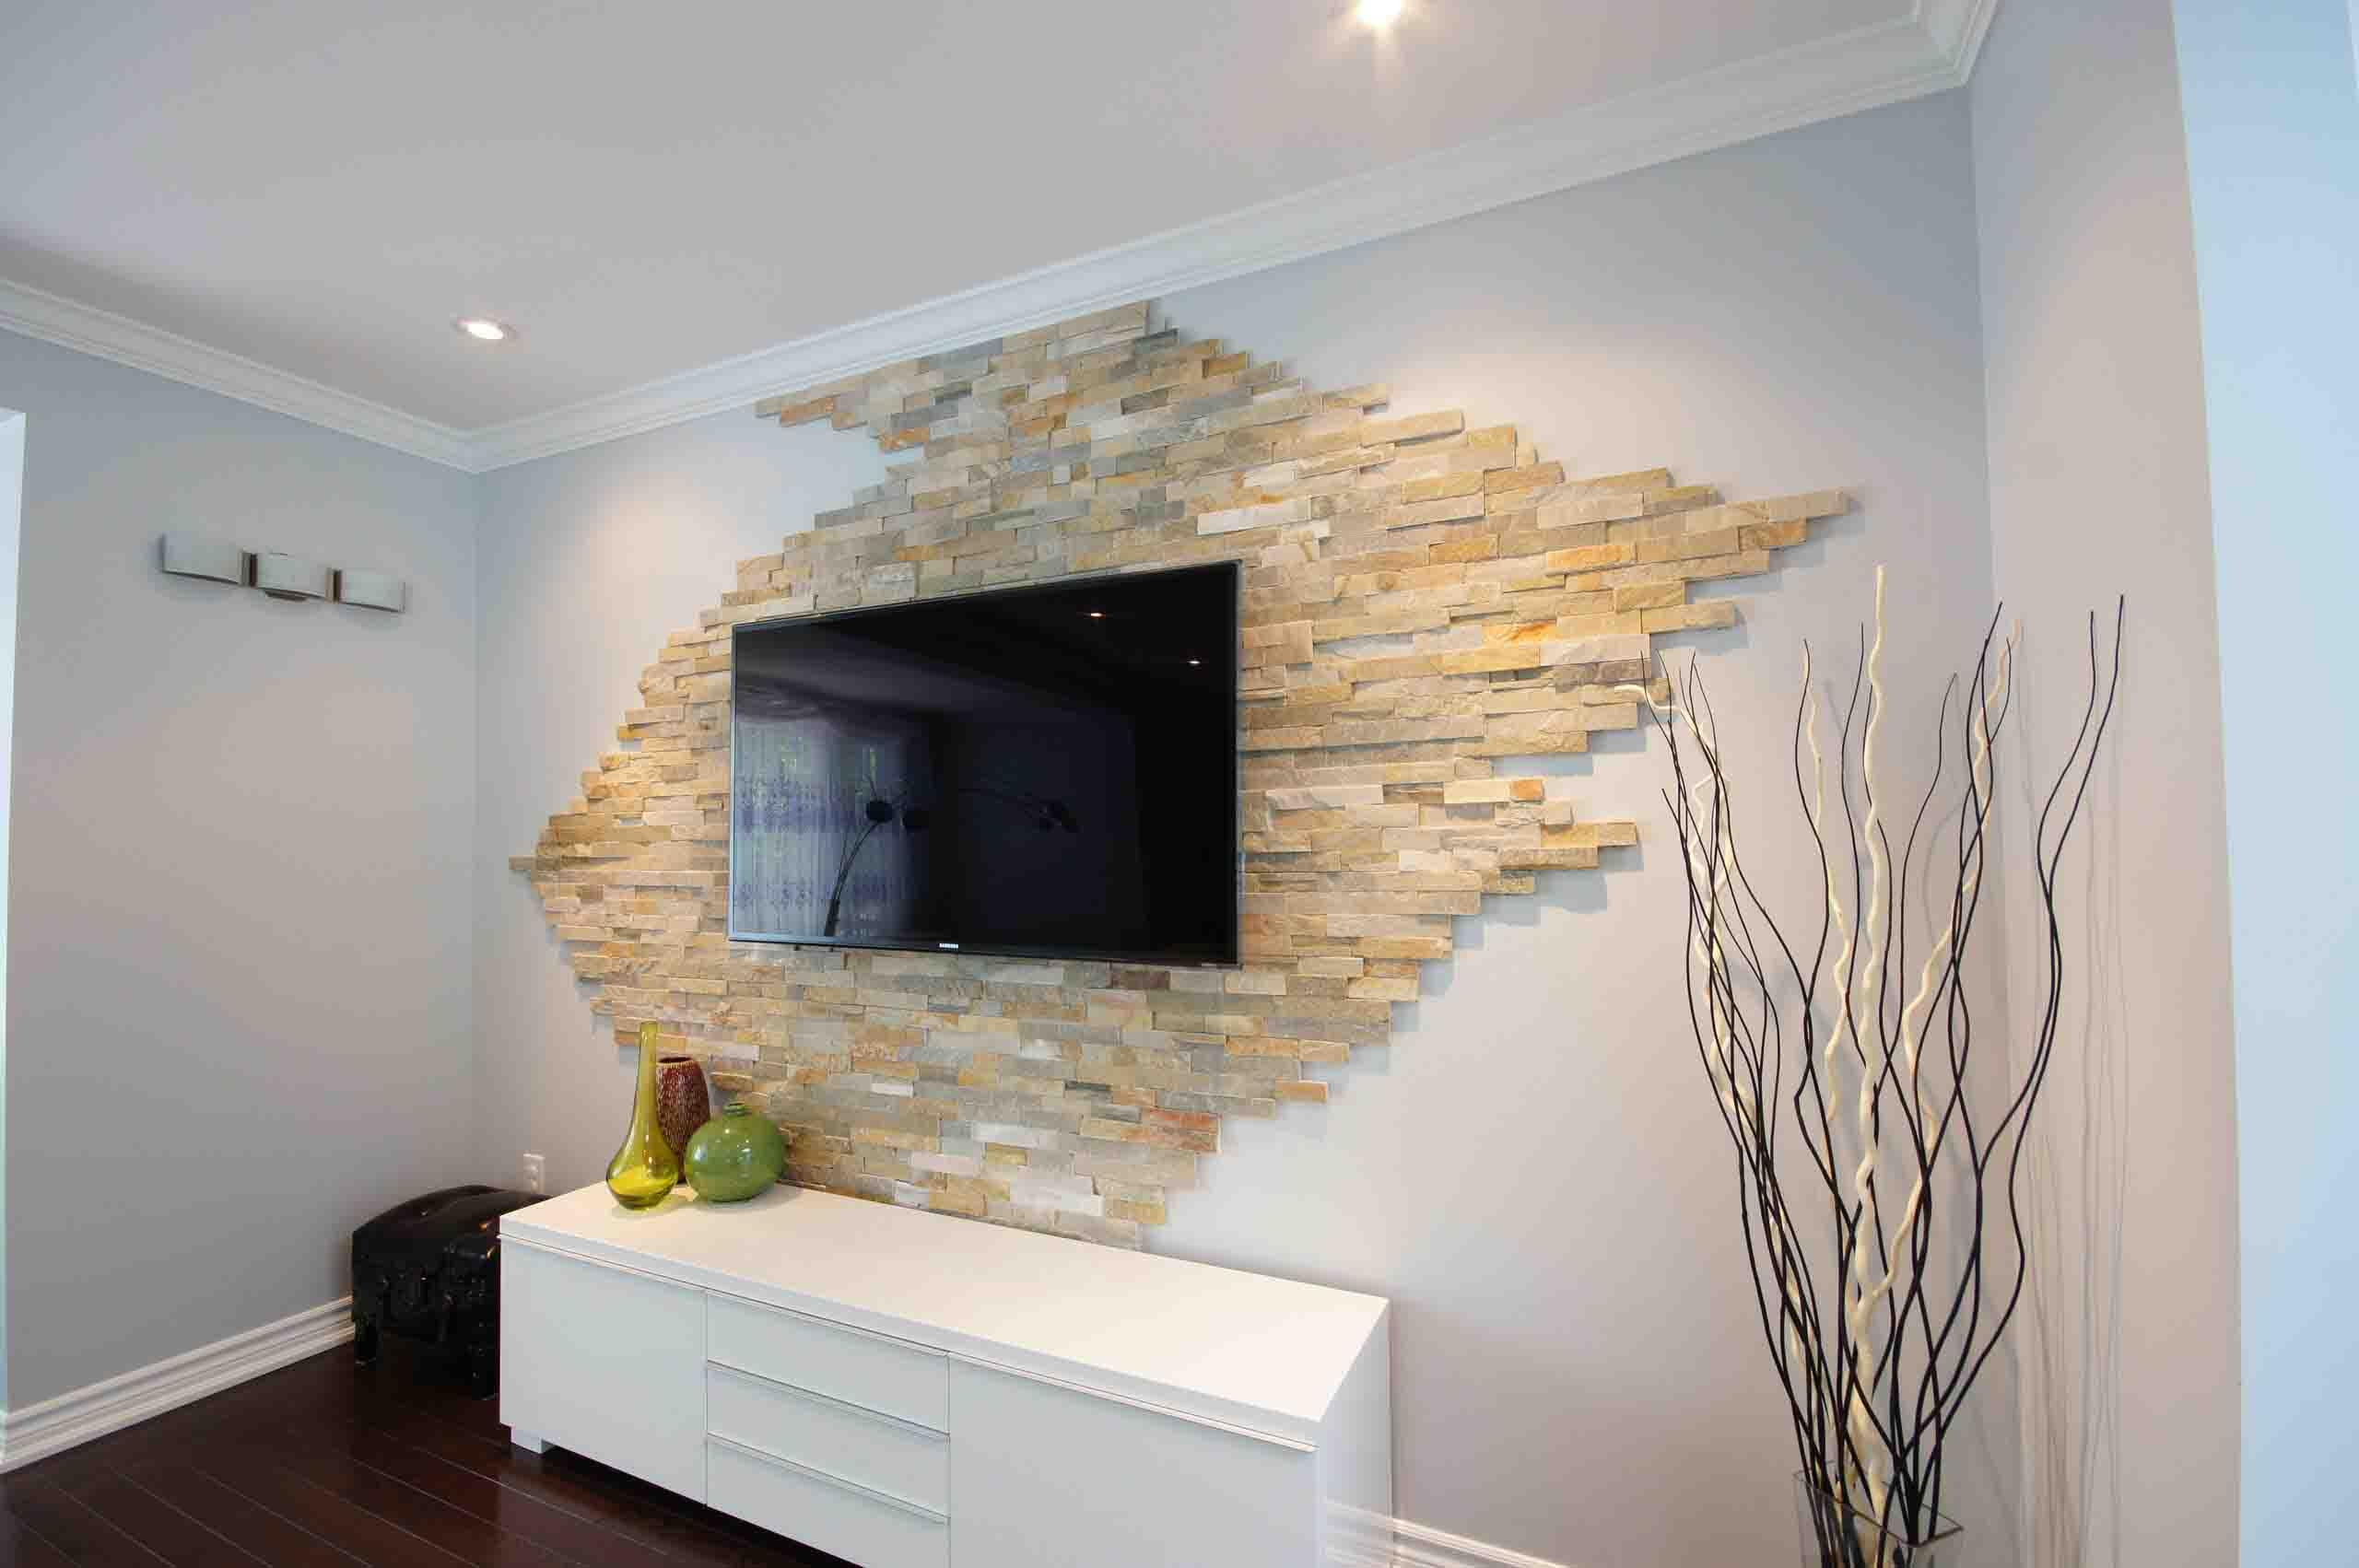 طراحی دیوار پشت تلویزیون با سنگ آنتیک روشن